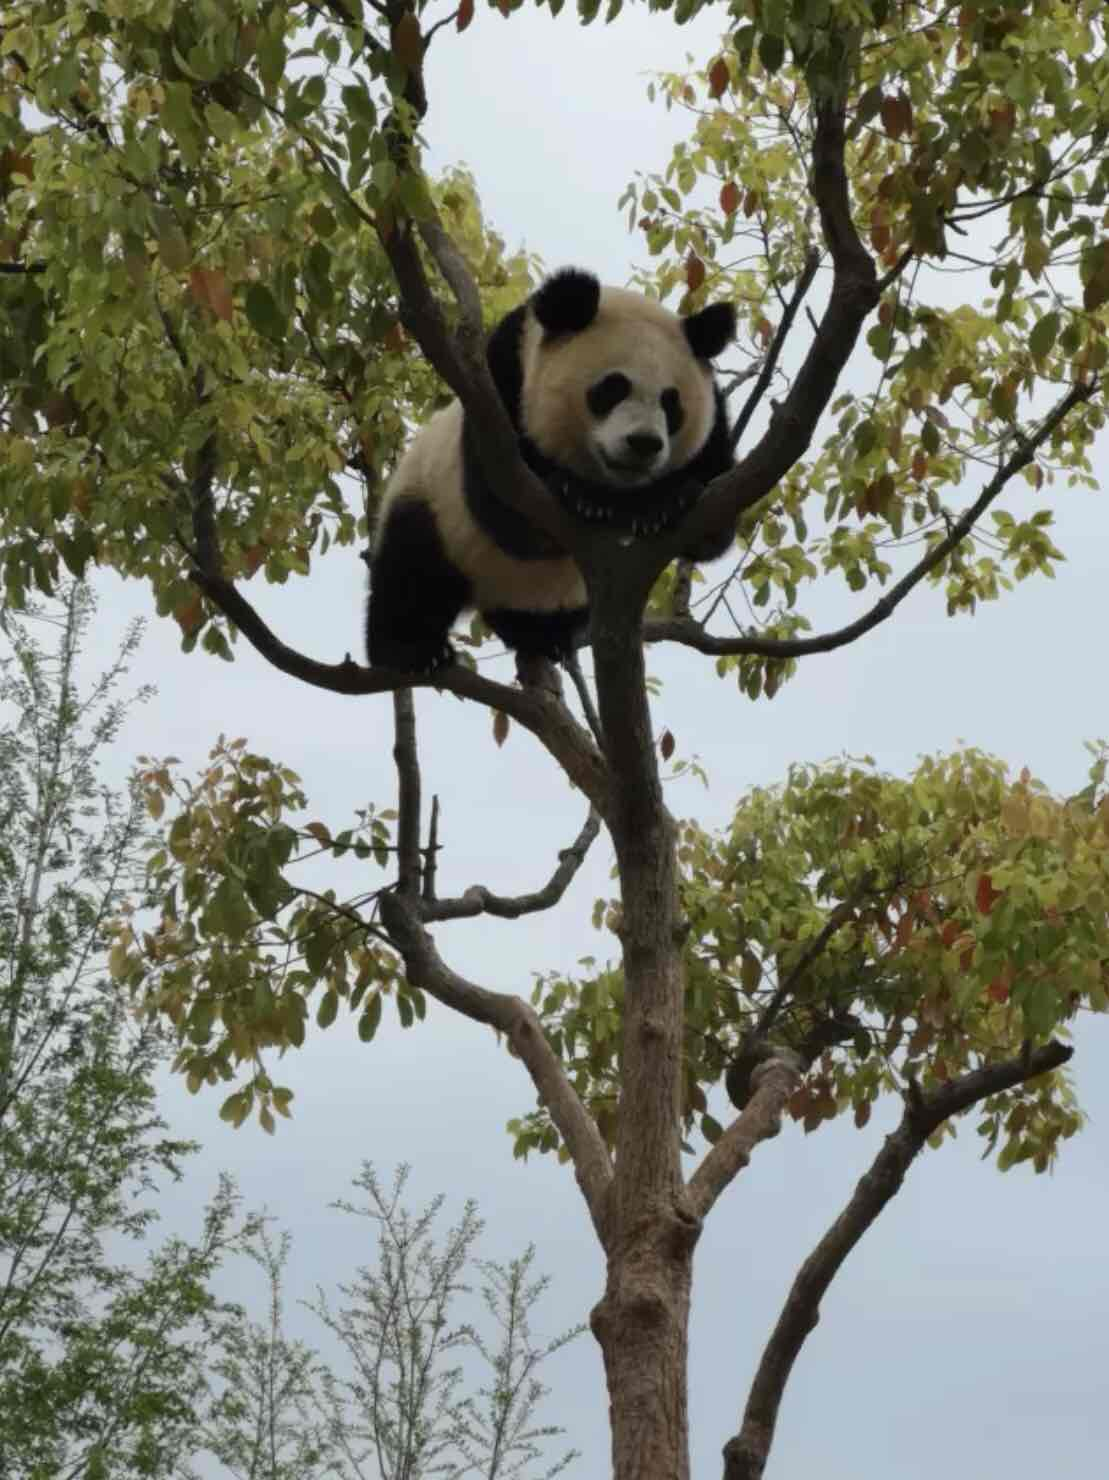 上海动物园和野生动物园哪个更值得去? 动物园 动物 上海动物园 上海旅游 旅游问答  第4张